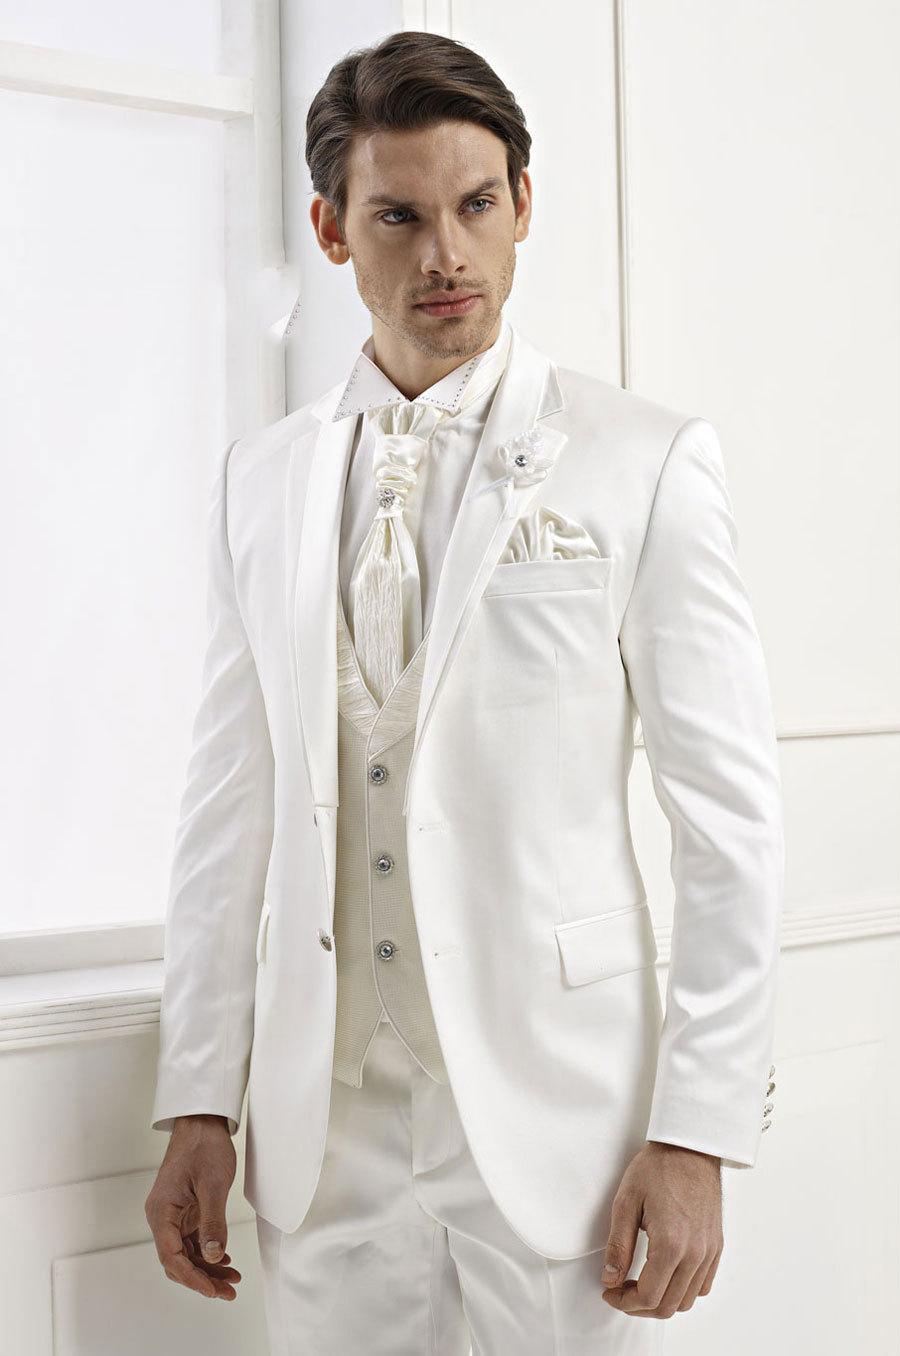 잘 생긴 남자 정장 남자를위한 간단한 화이트 맞춤형 결혼식 정장 신랑 Groomsmen 턱시도 망 결혼식 정장 (자켓 + 바지 + 조끼)